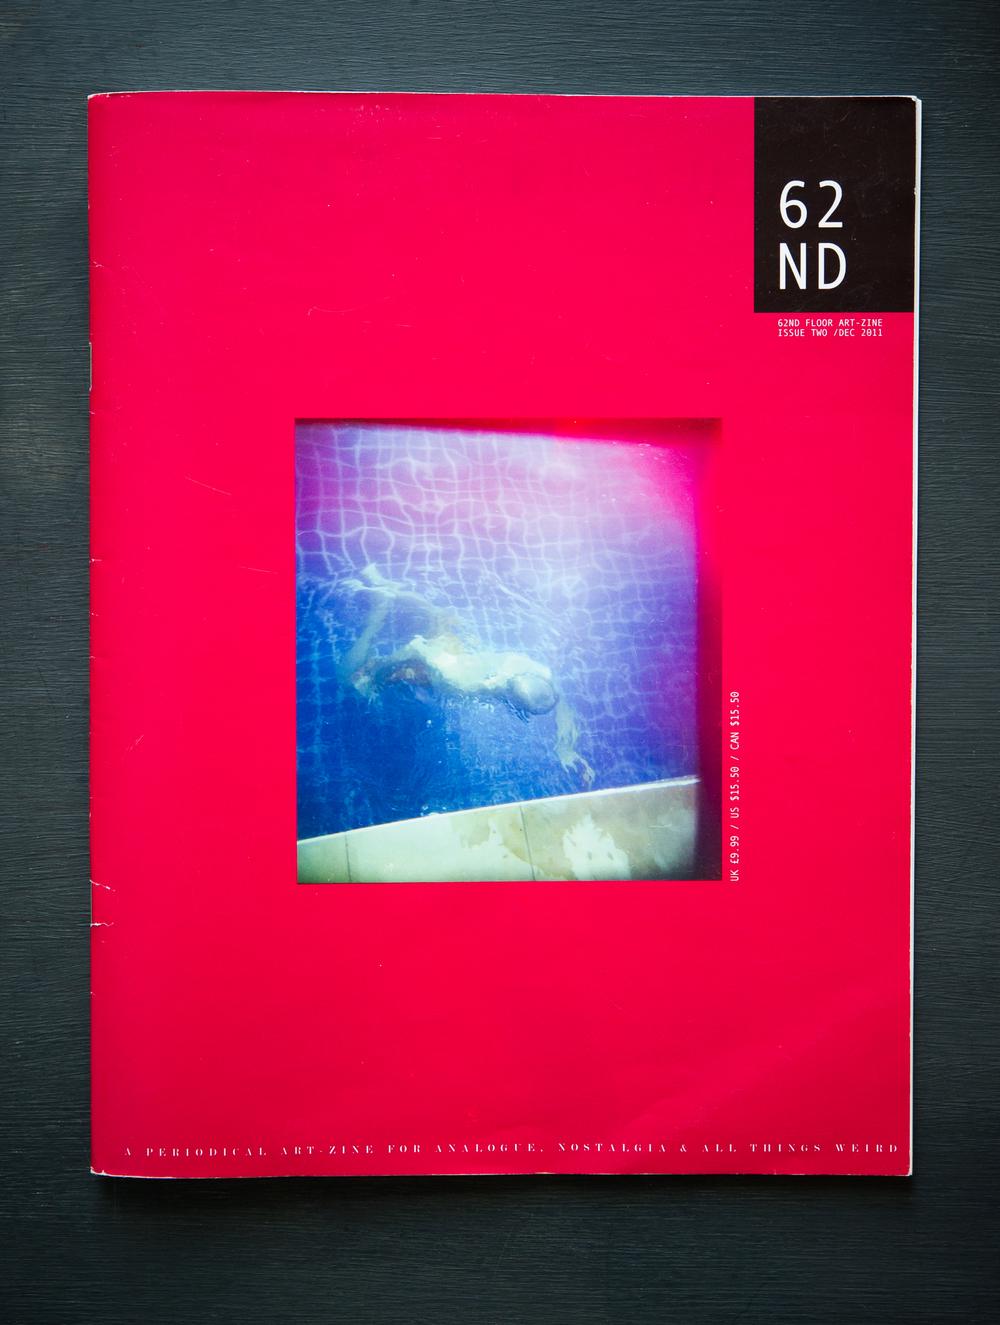 GWII PRESS-1004.JPG